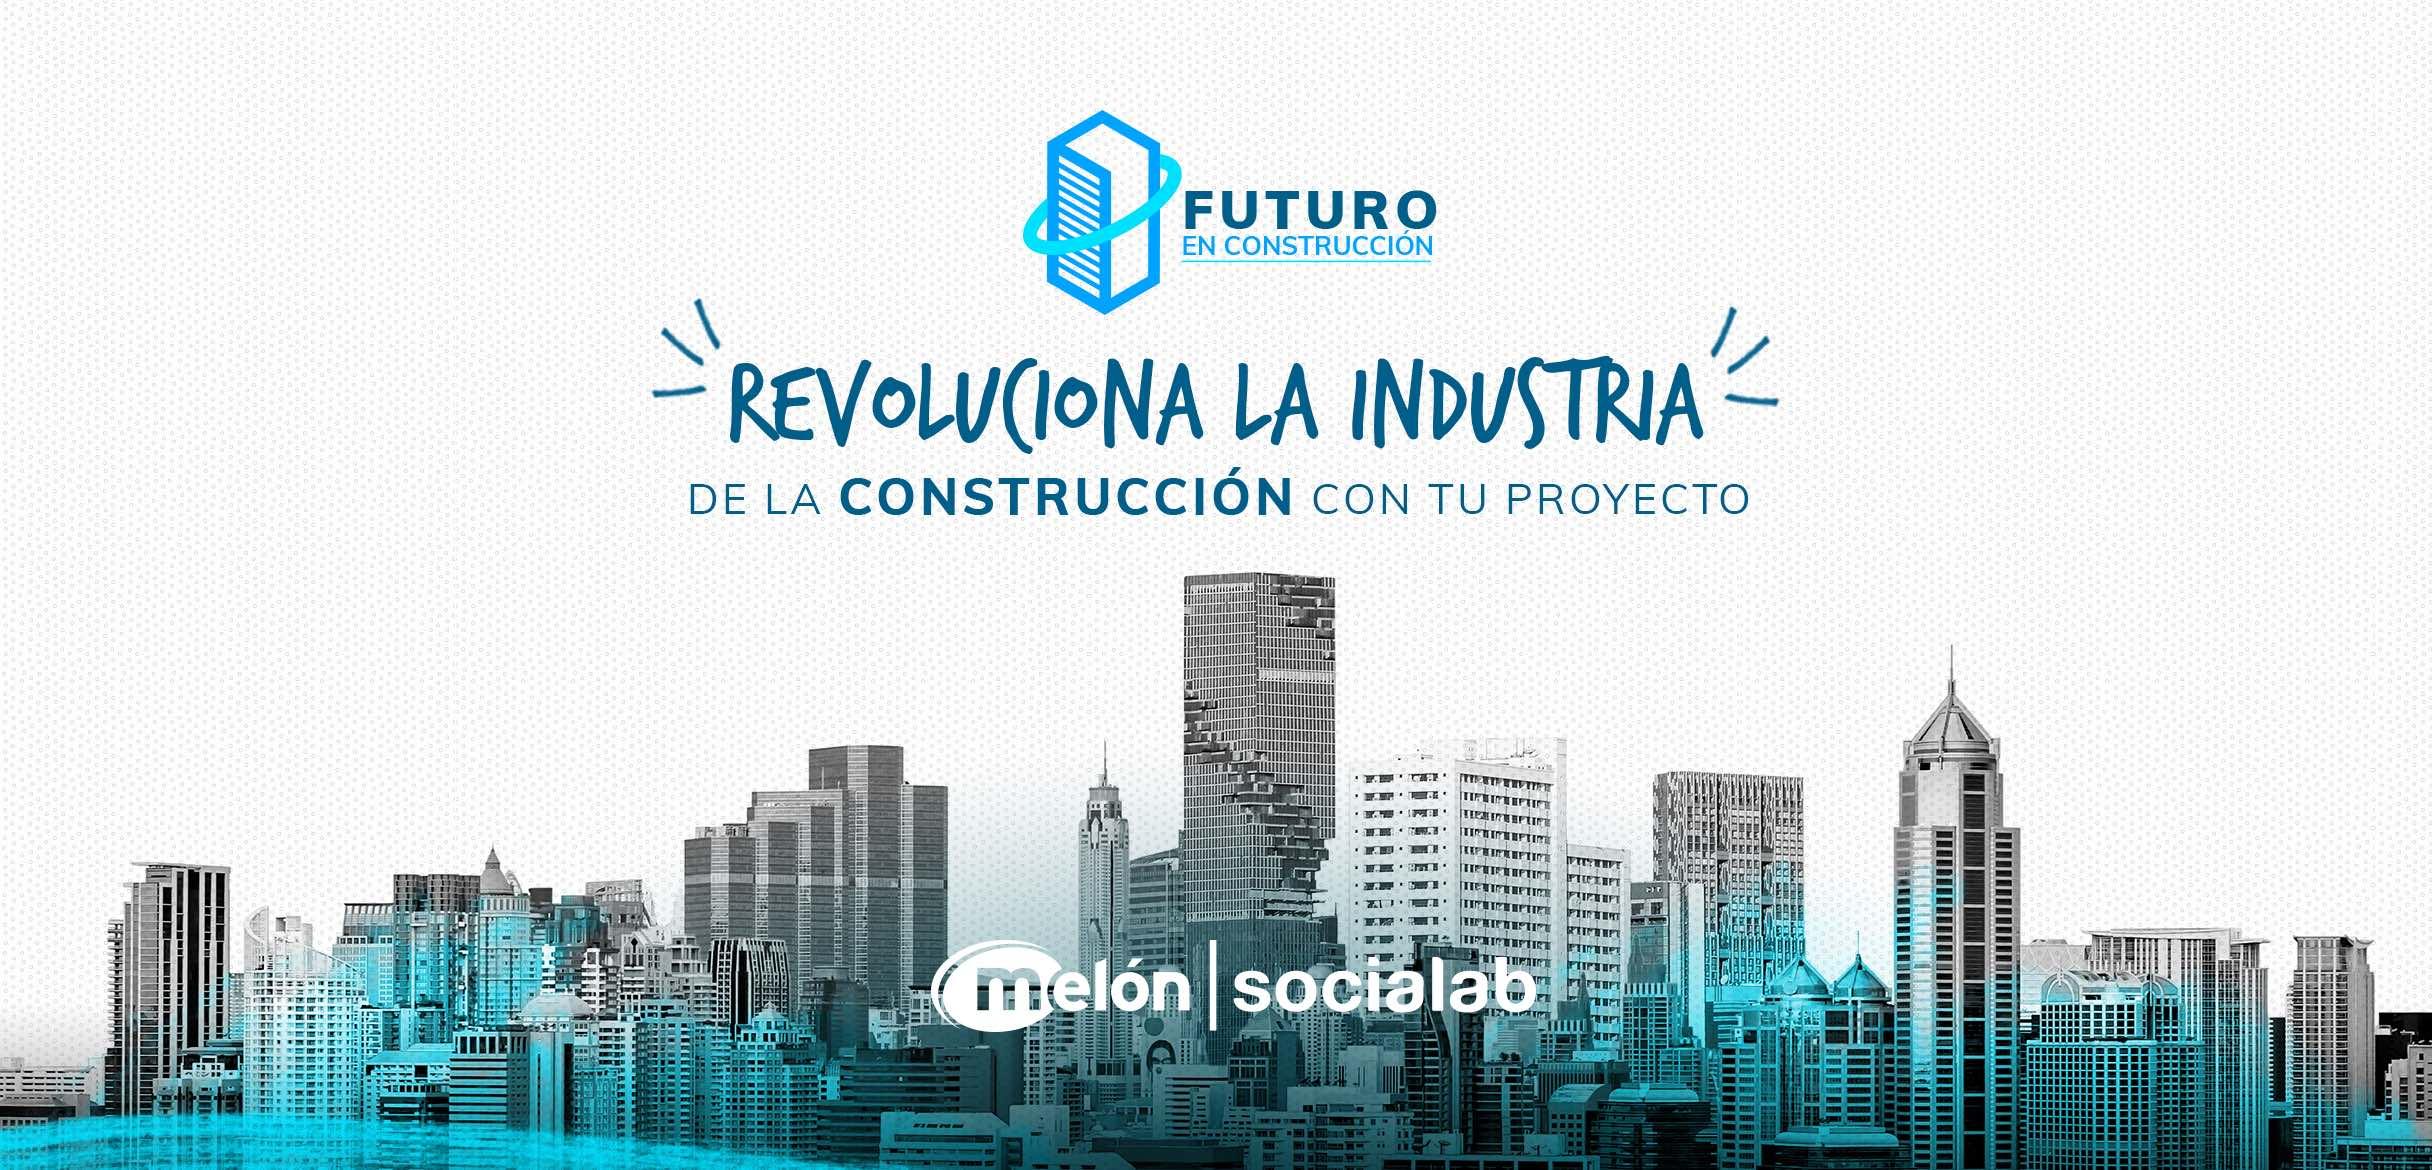 Futuro en construcción